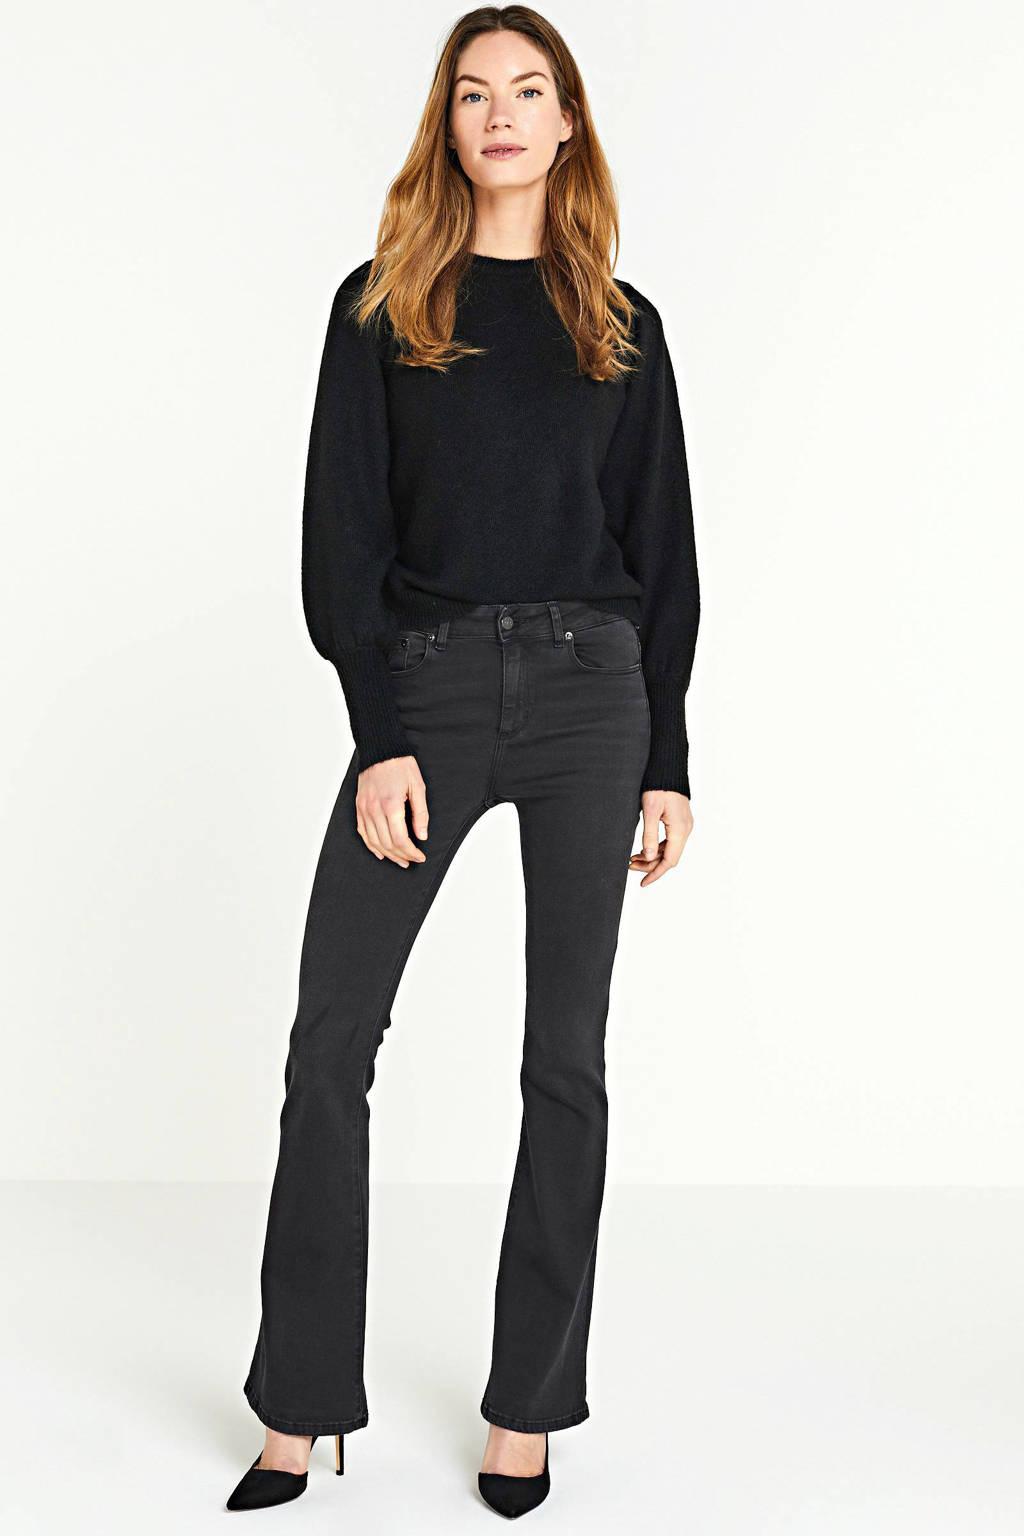 PIECES trui zwart, Zwart